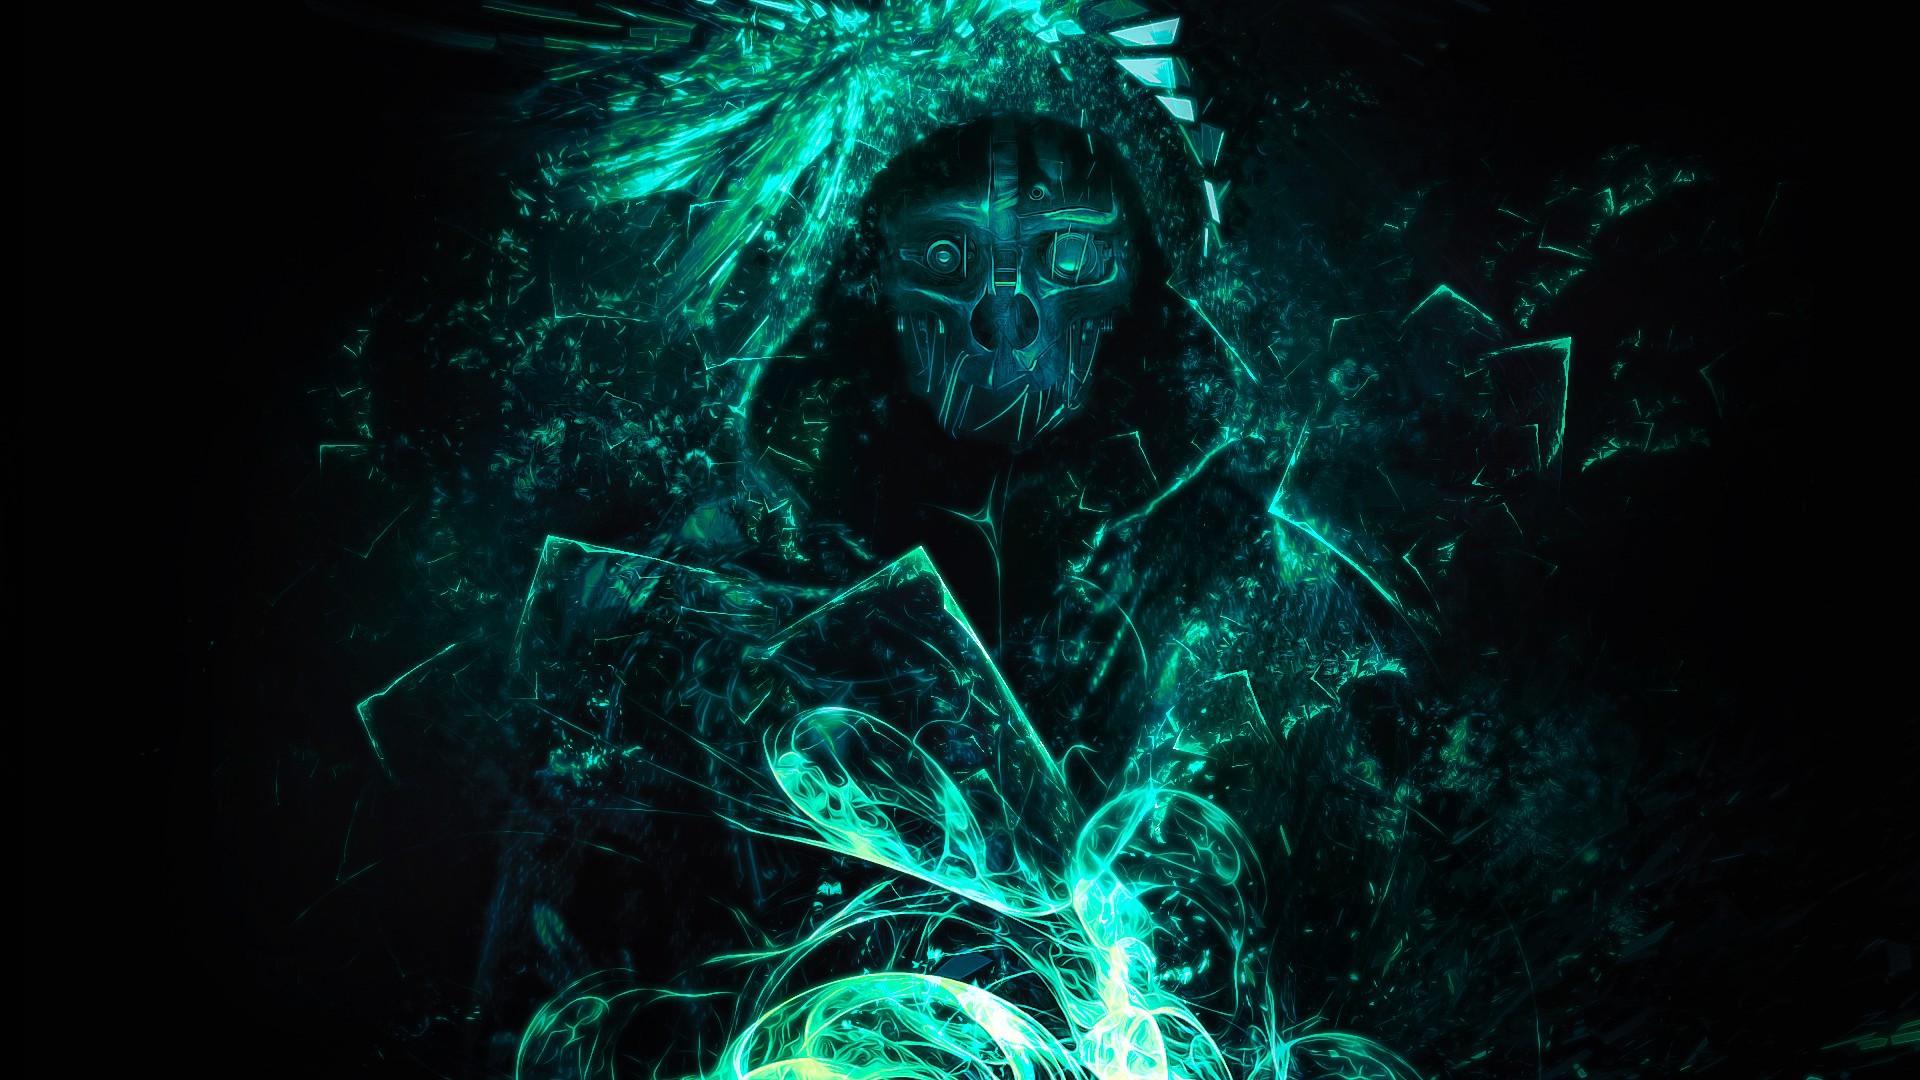 Games__039334_.jpg